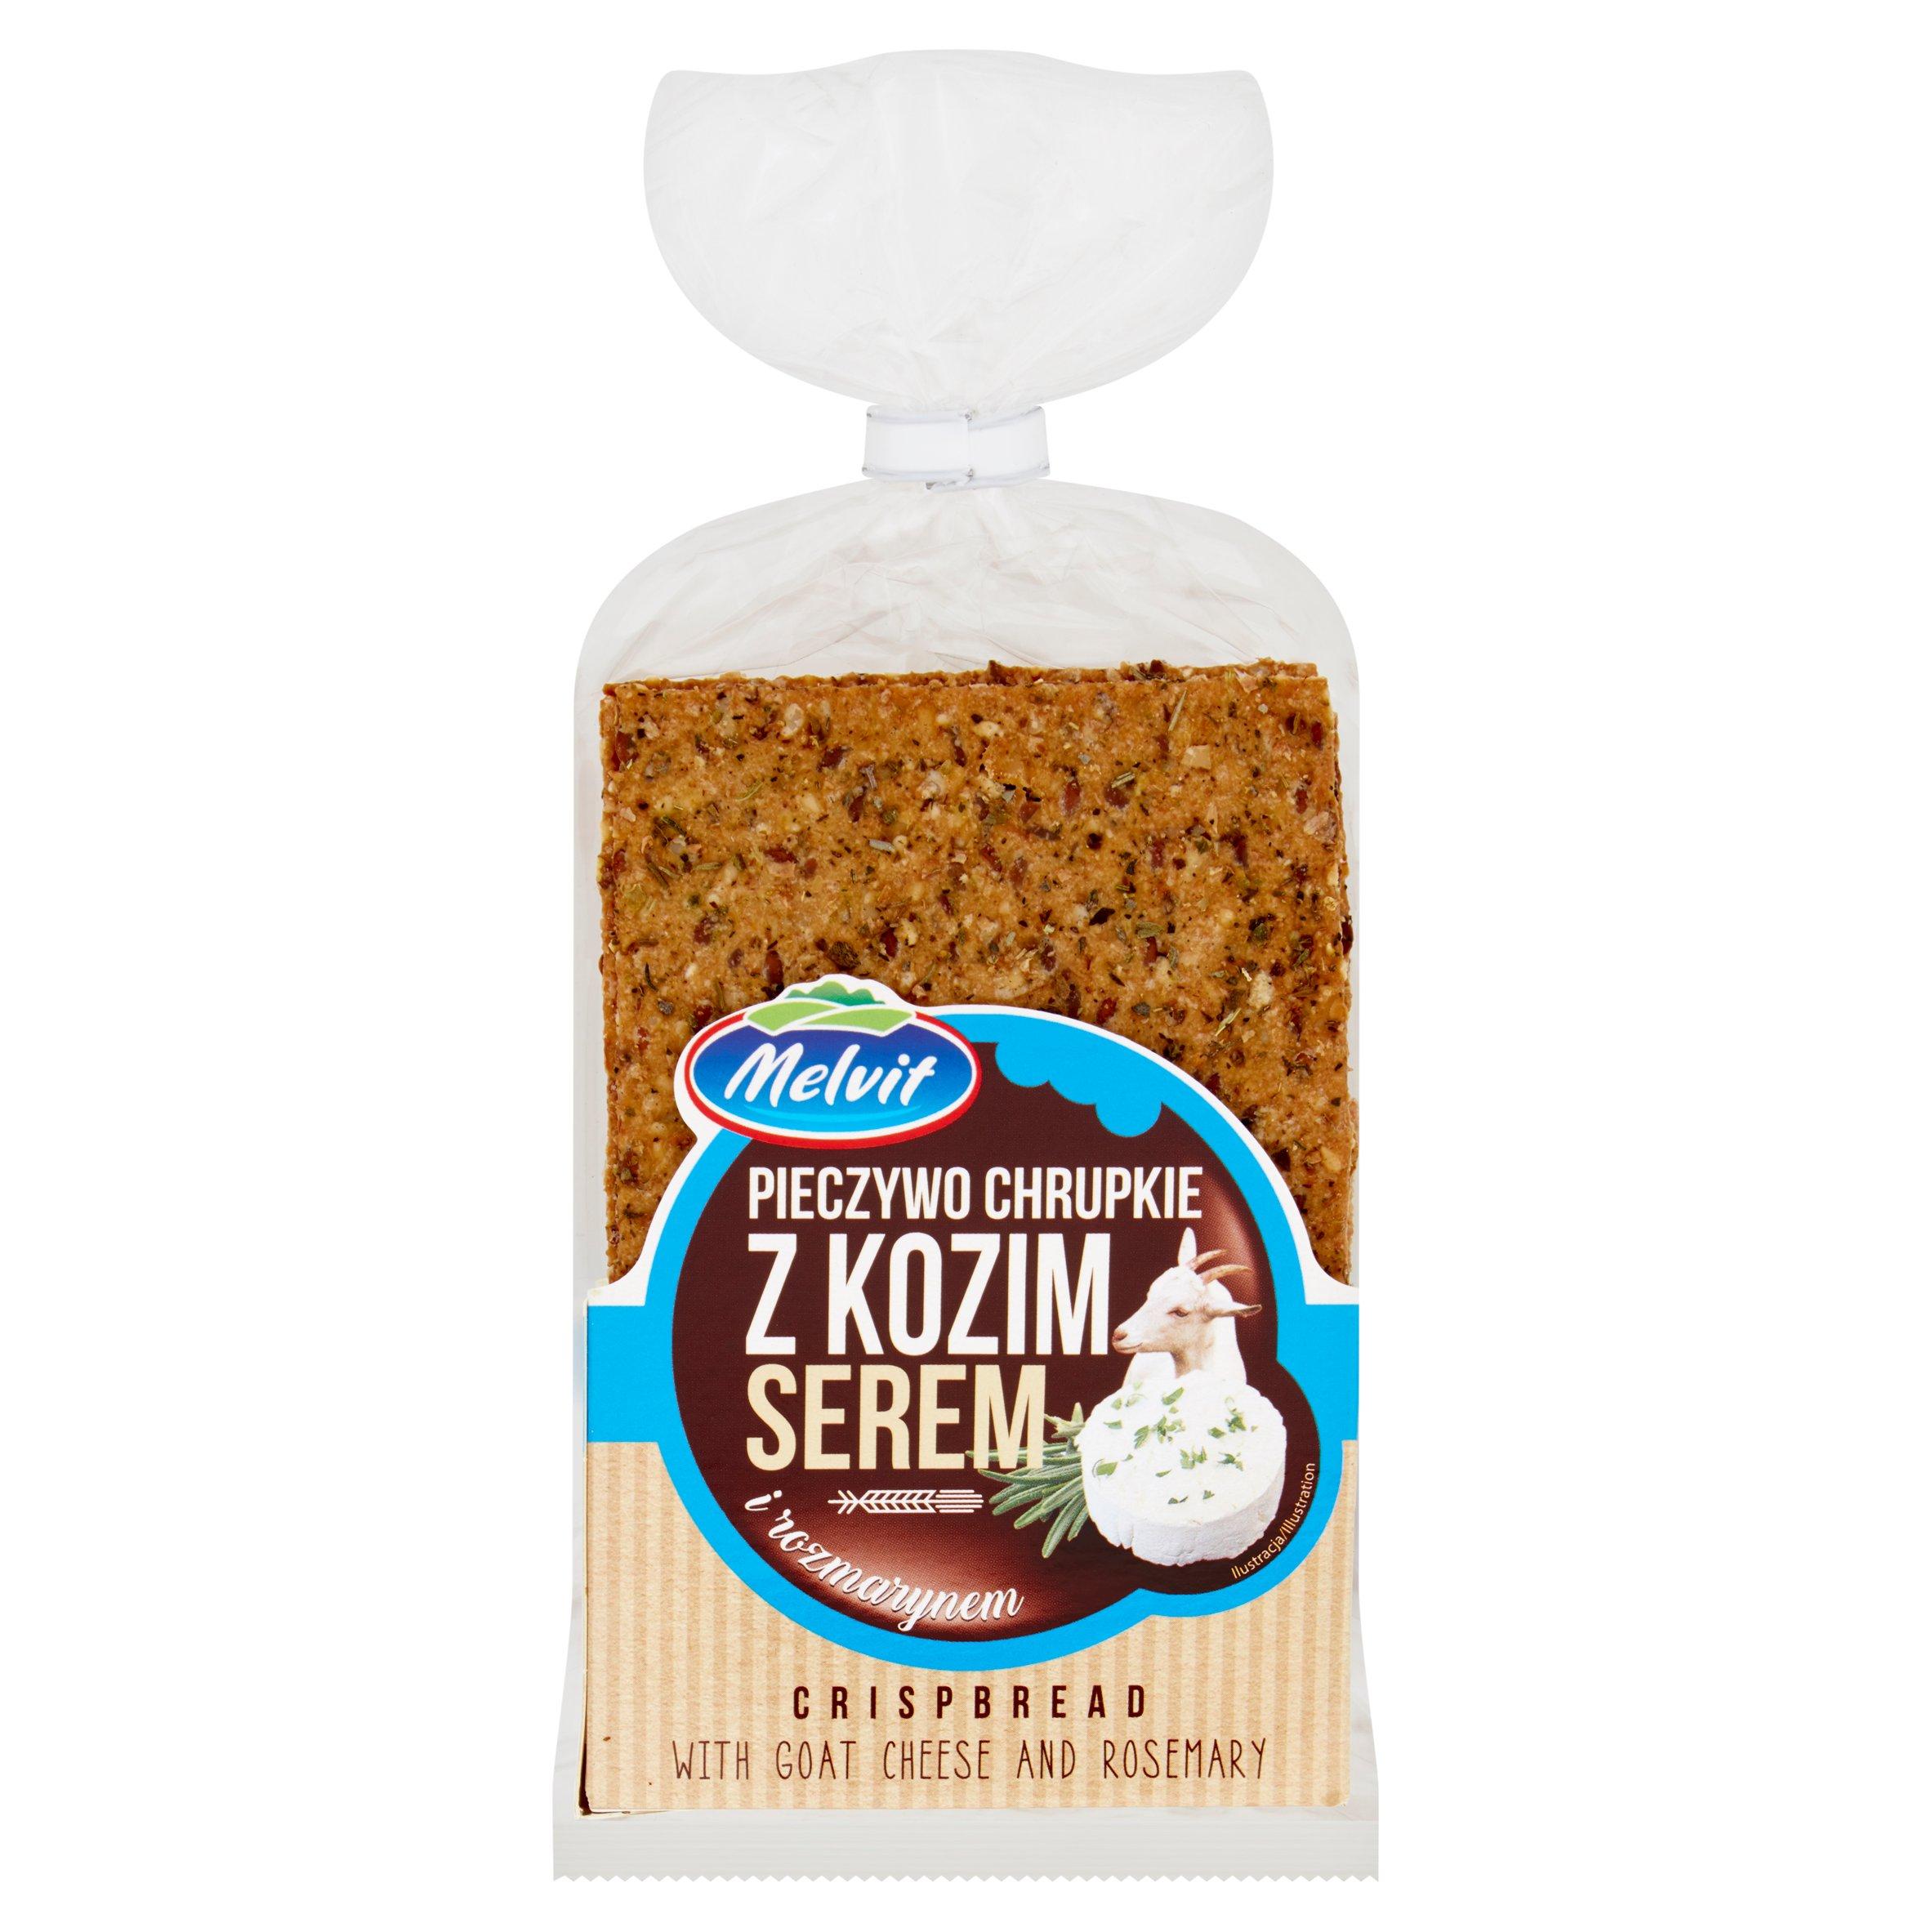 Melvit Pieczywo chrupkie żytnie z kozim serem i rozmarynem 130g (2)